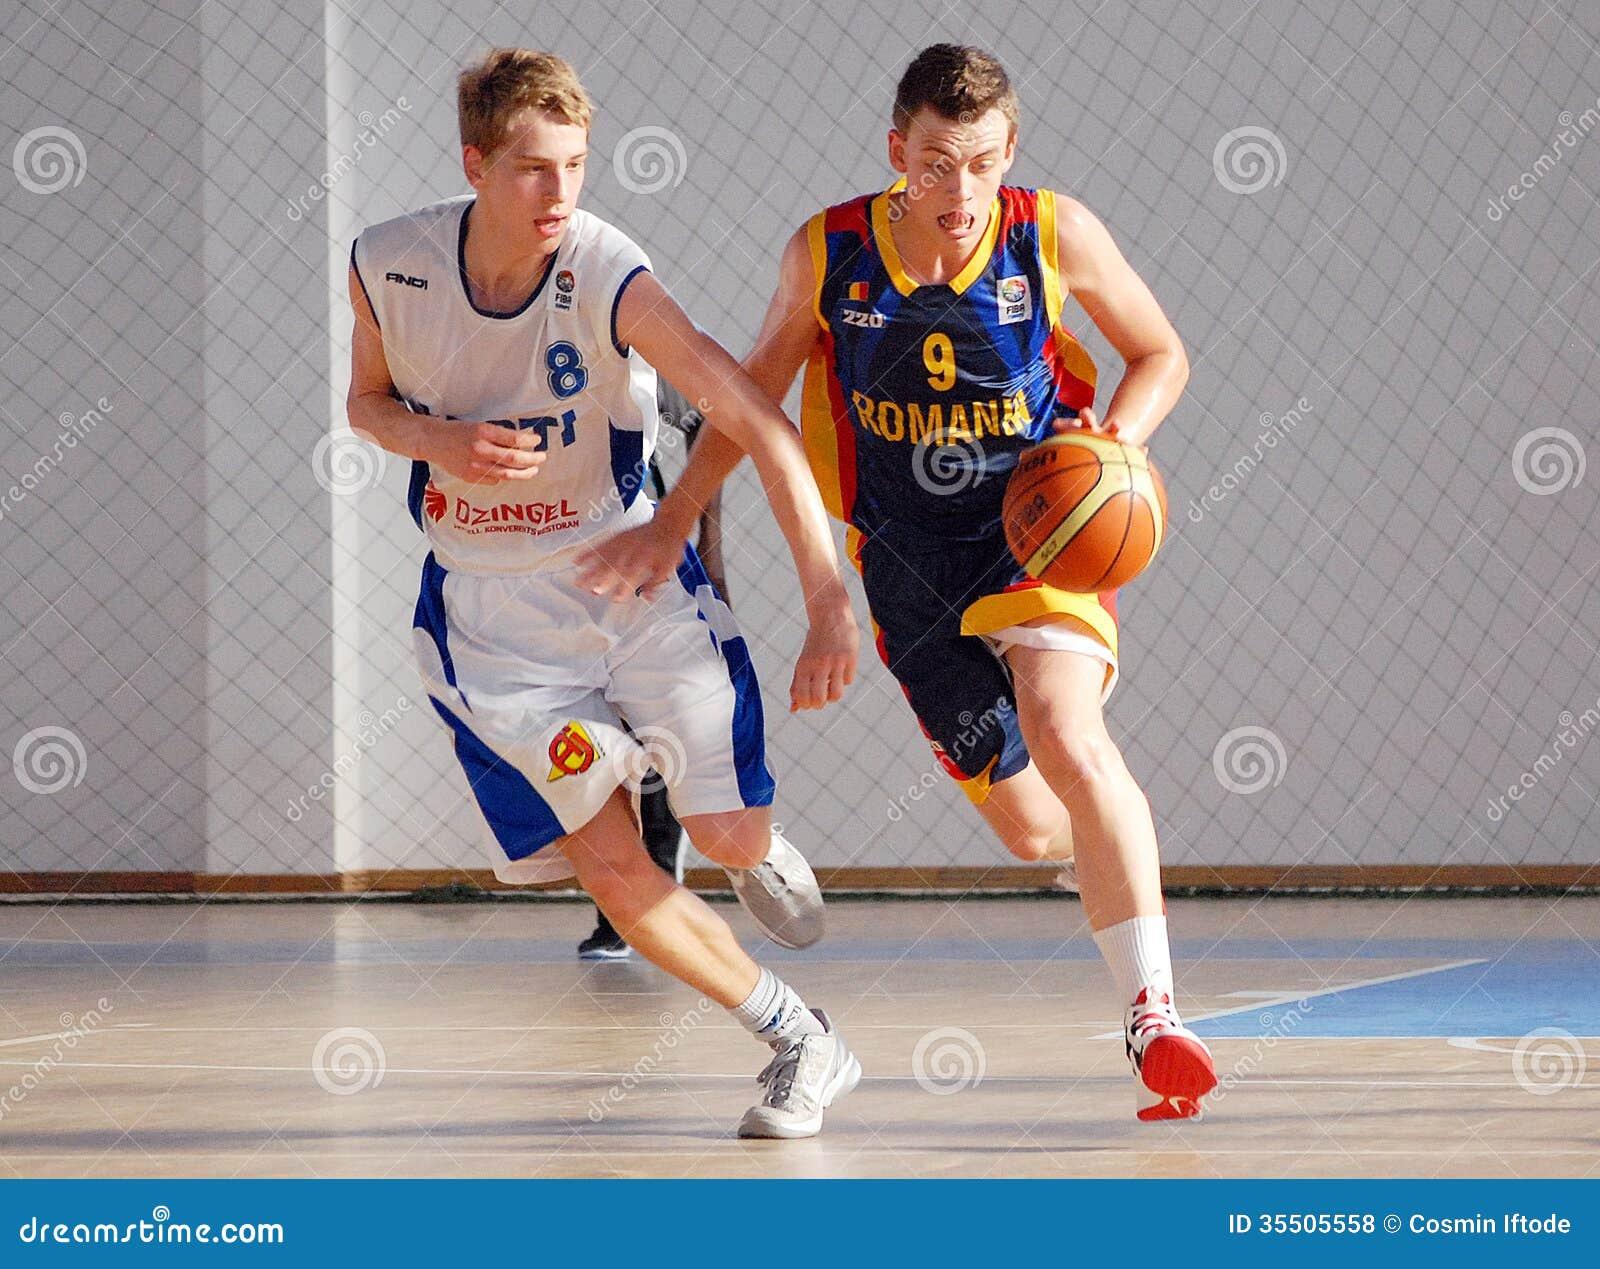 Giocatori di pallacanestro nell 39 azione fotografia stock - Immagini stampabili di pallacanestro ...